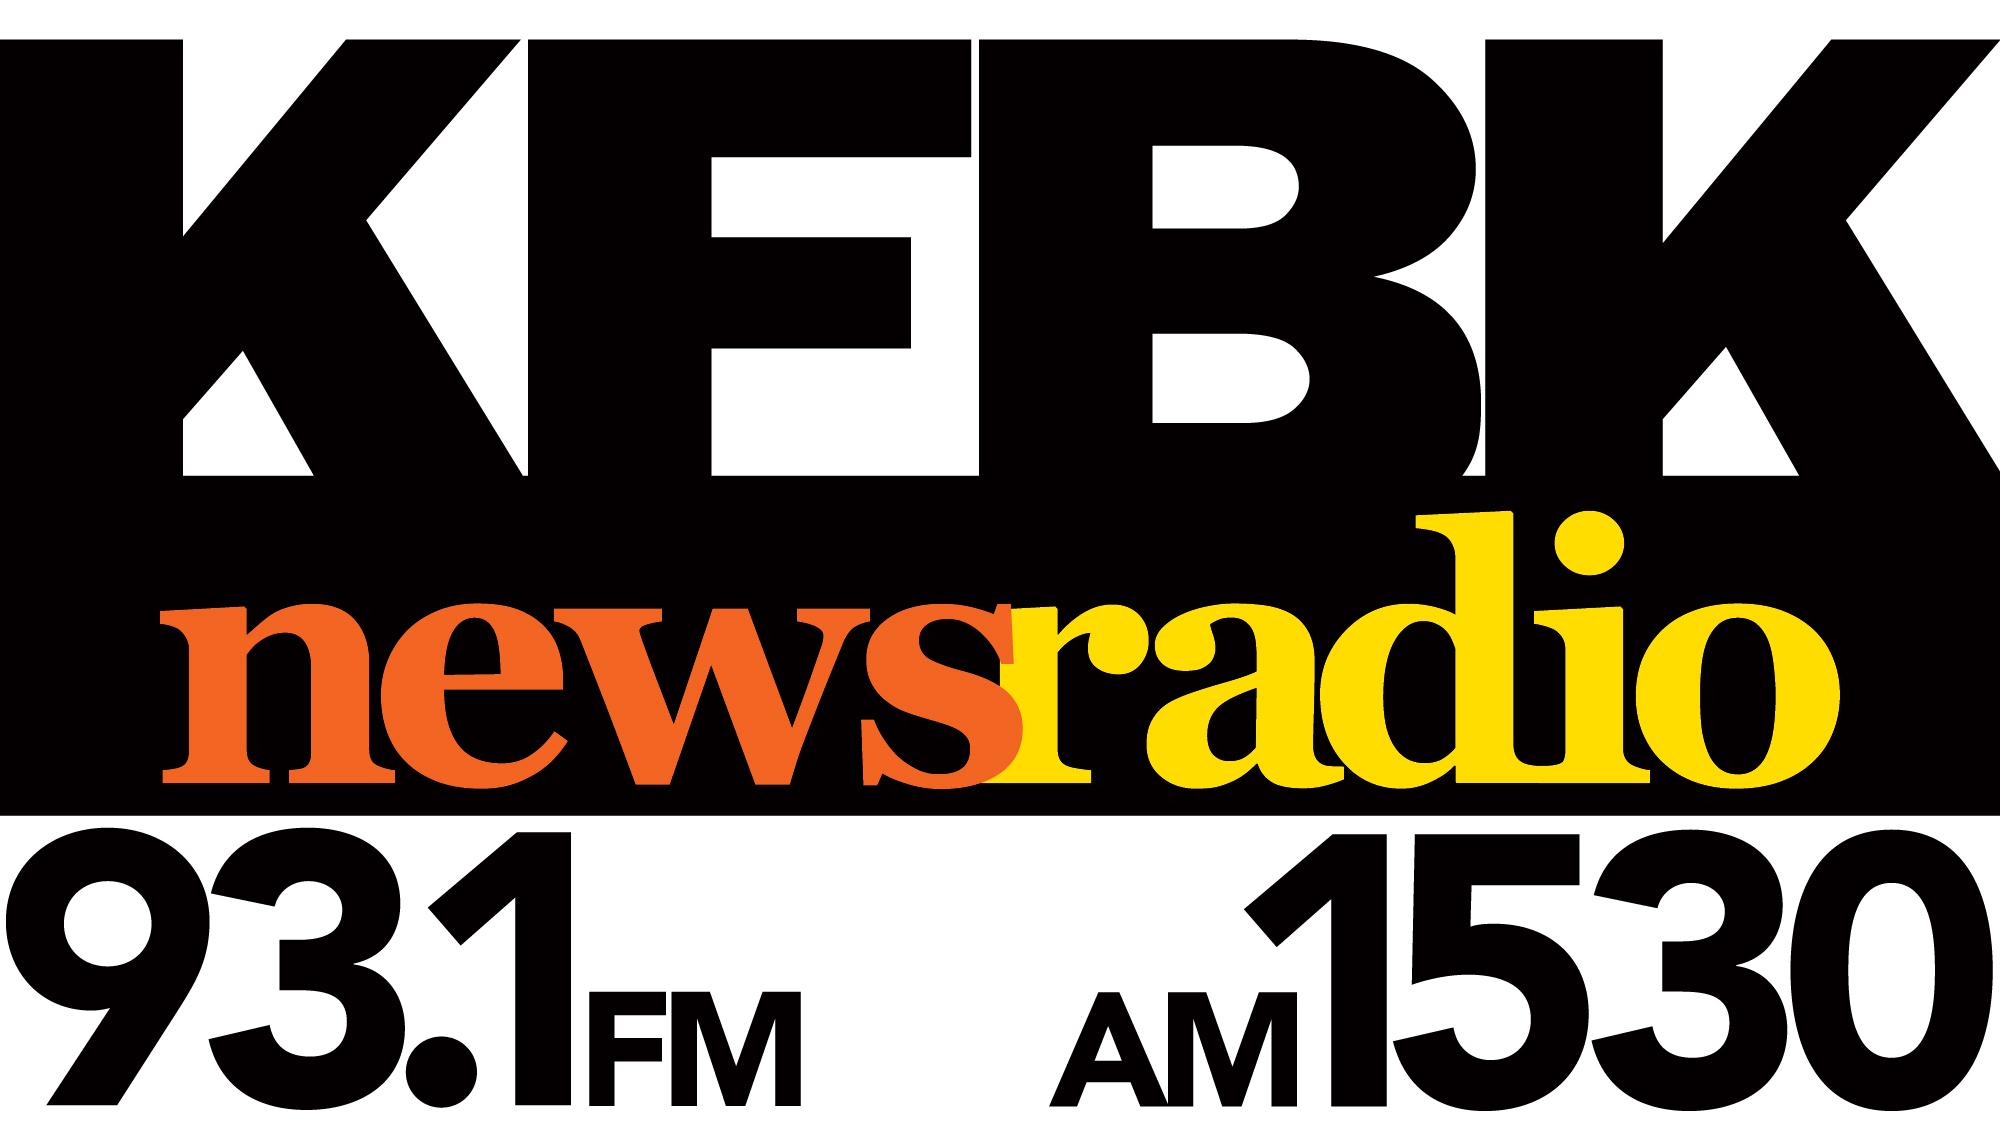 KFBK Newstalk Radio 1530 Honor Bowl Commercial 2014